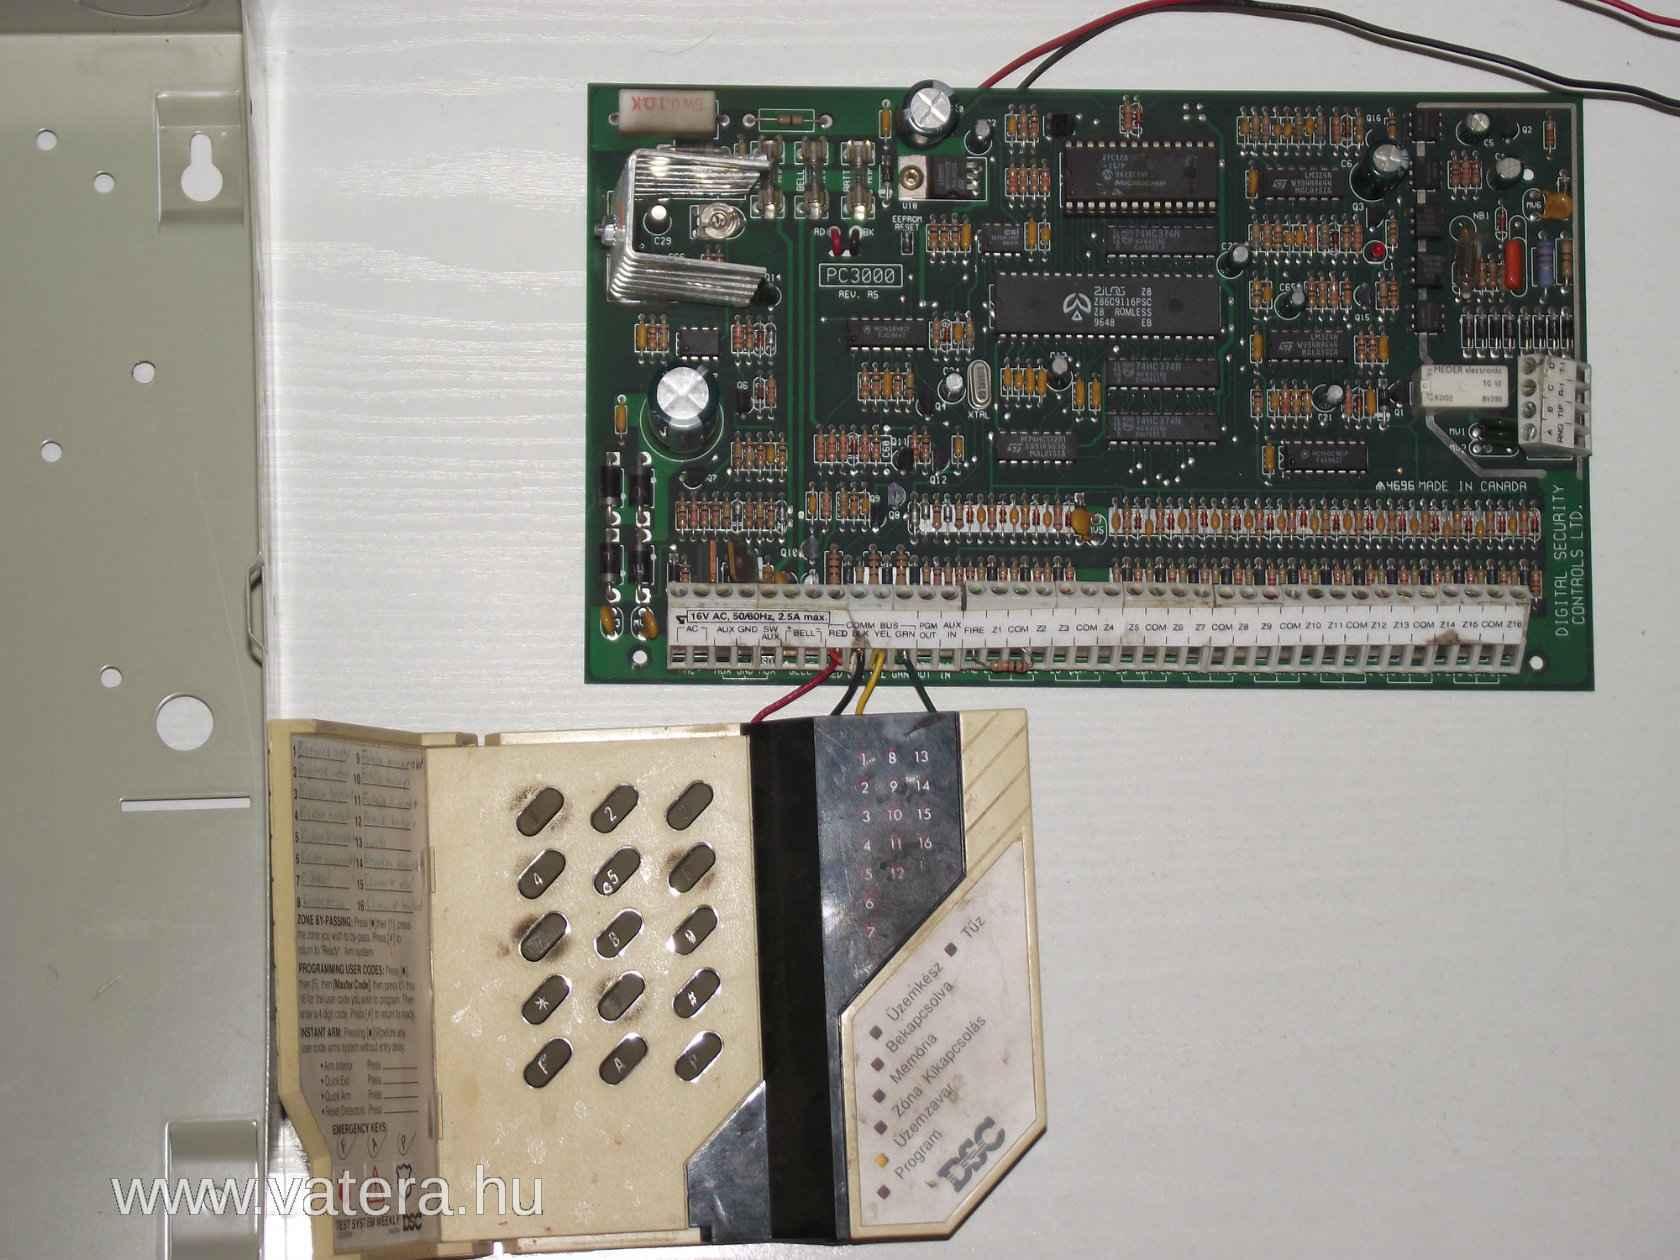 Podmiana miałaby dotyczyć tych płyt głównych DSC PC 3000 podmiana eepromu  ...